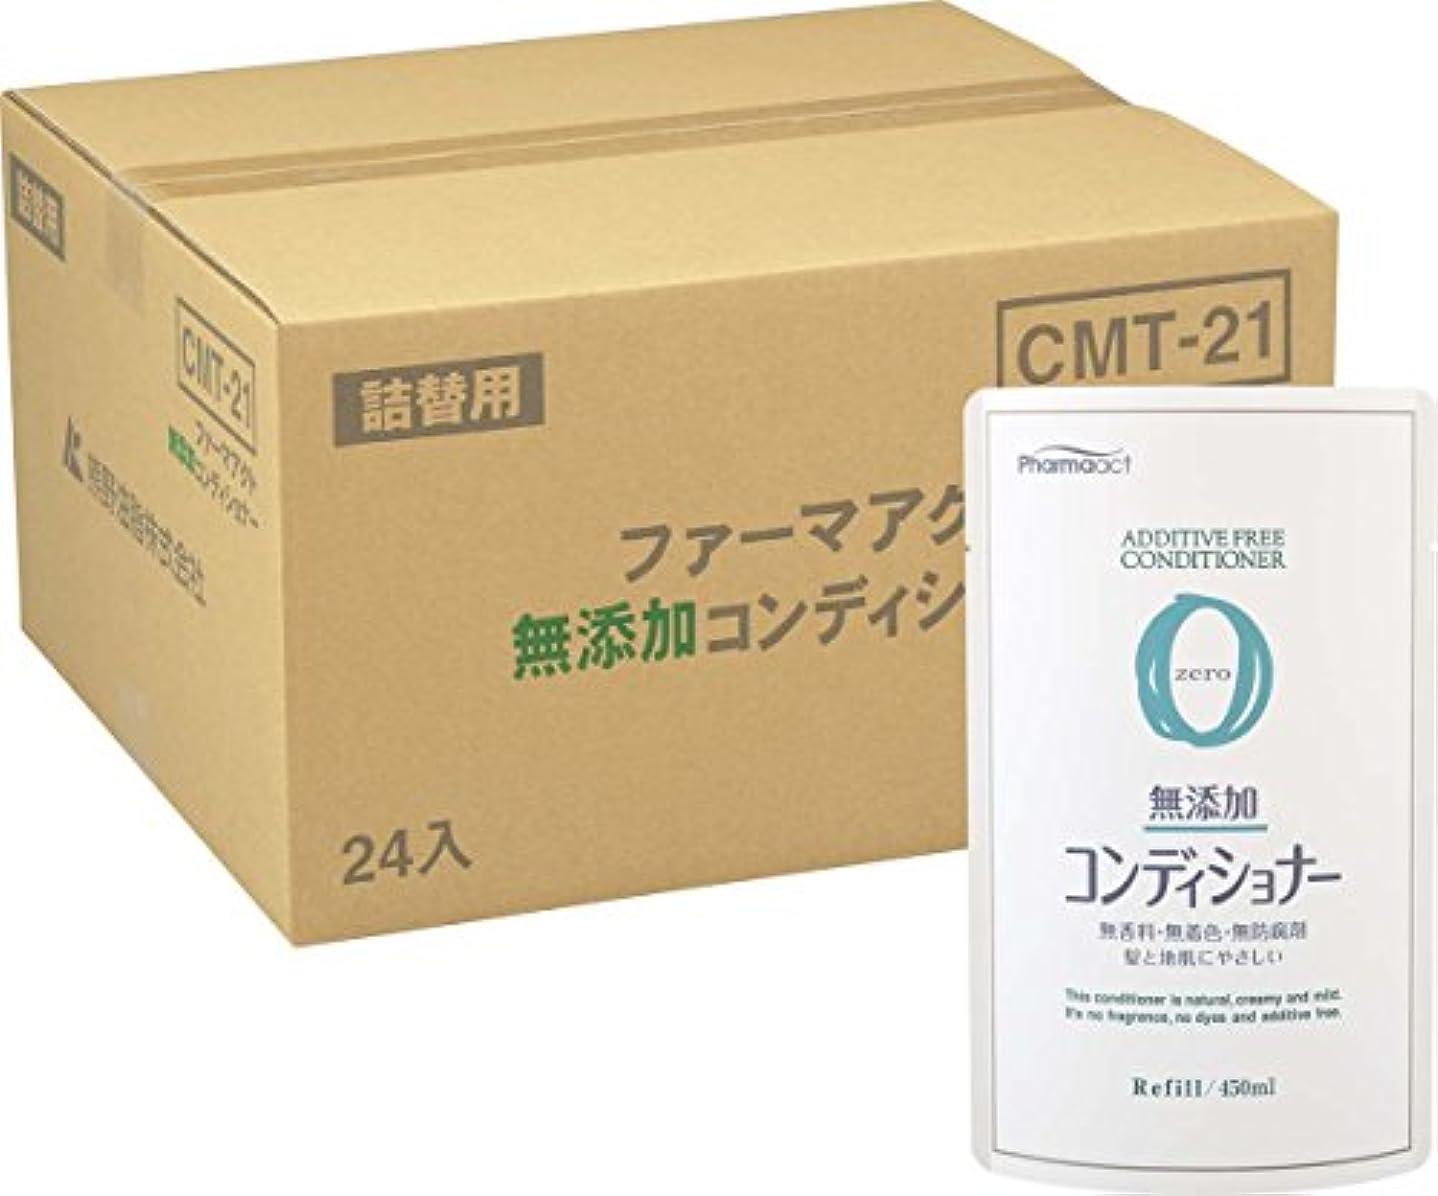 アスペクト六分儀識別【ケース販売】ファーマアクト 無添加コンディショナー詰替用 450ml×24個入